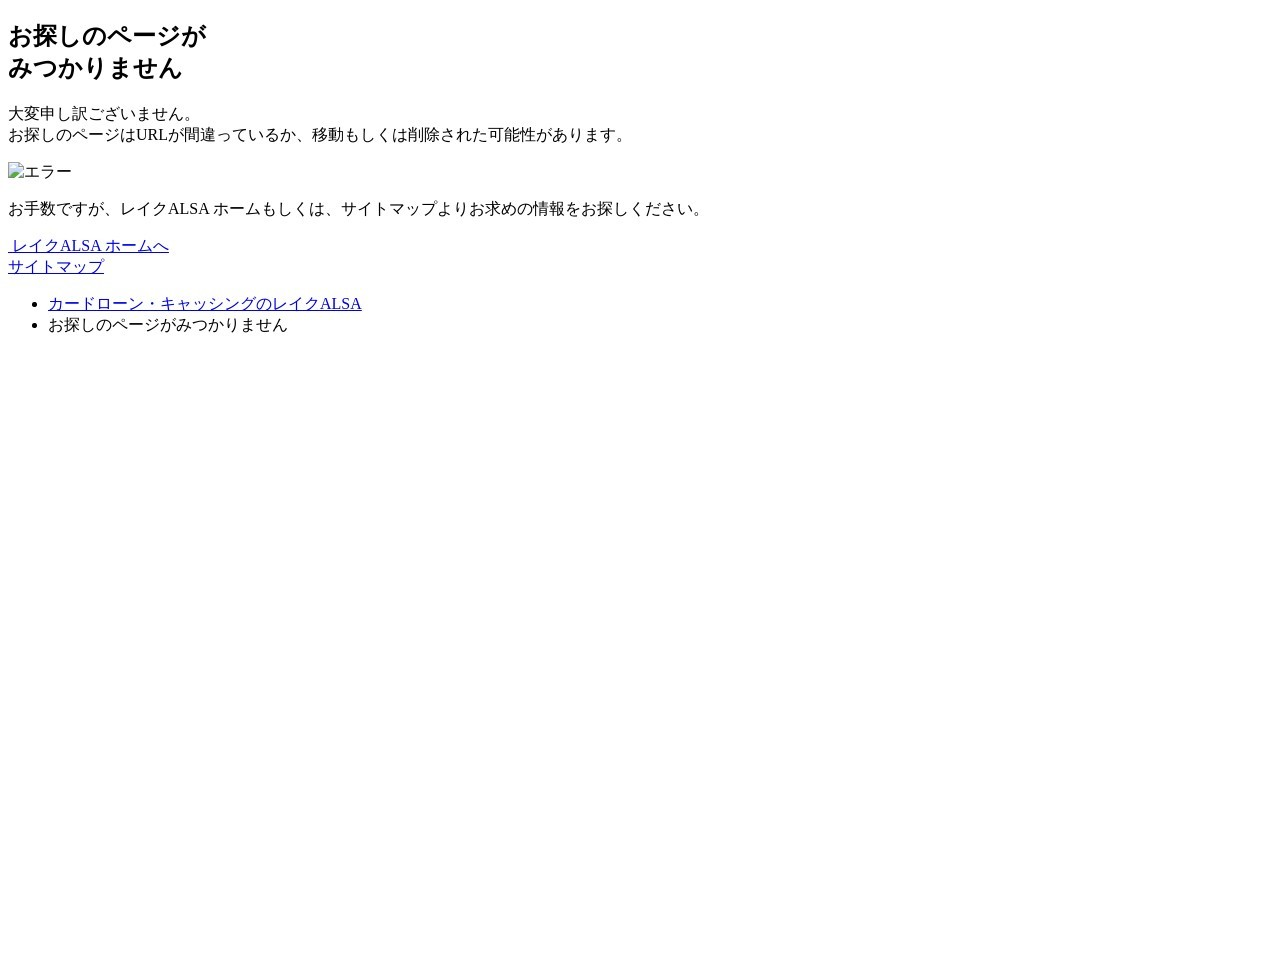 レイクALSA 50号結城自動契約コーナー栃木県 レイクALSA